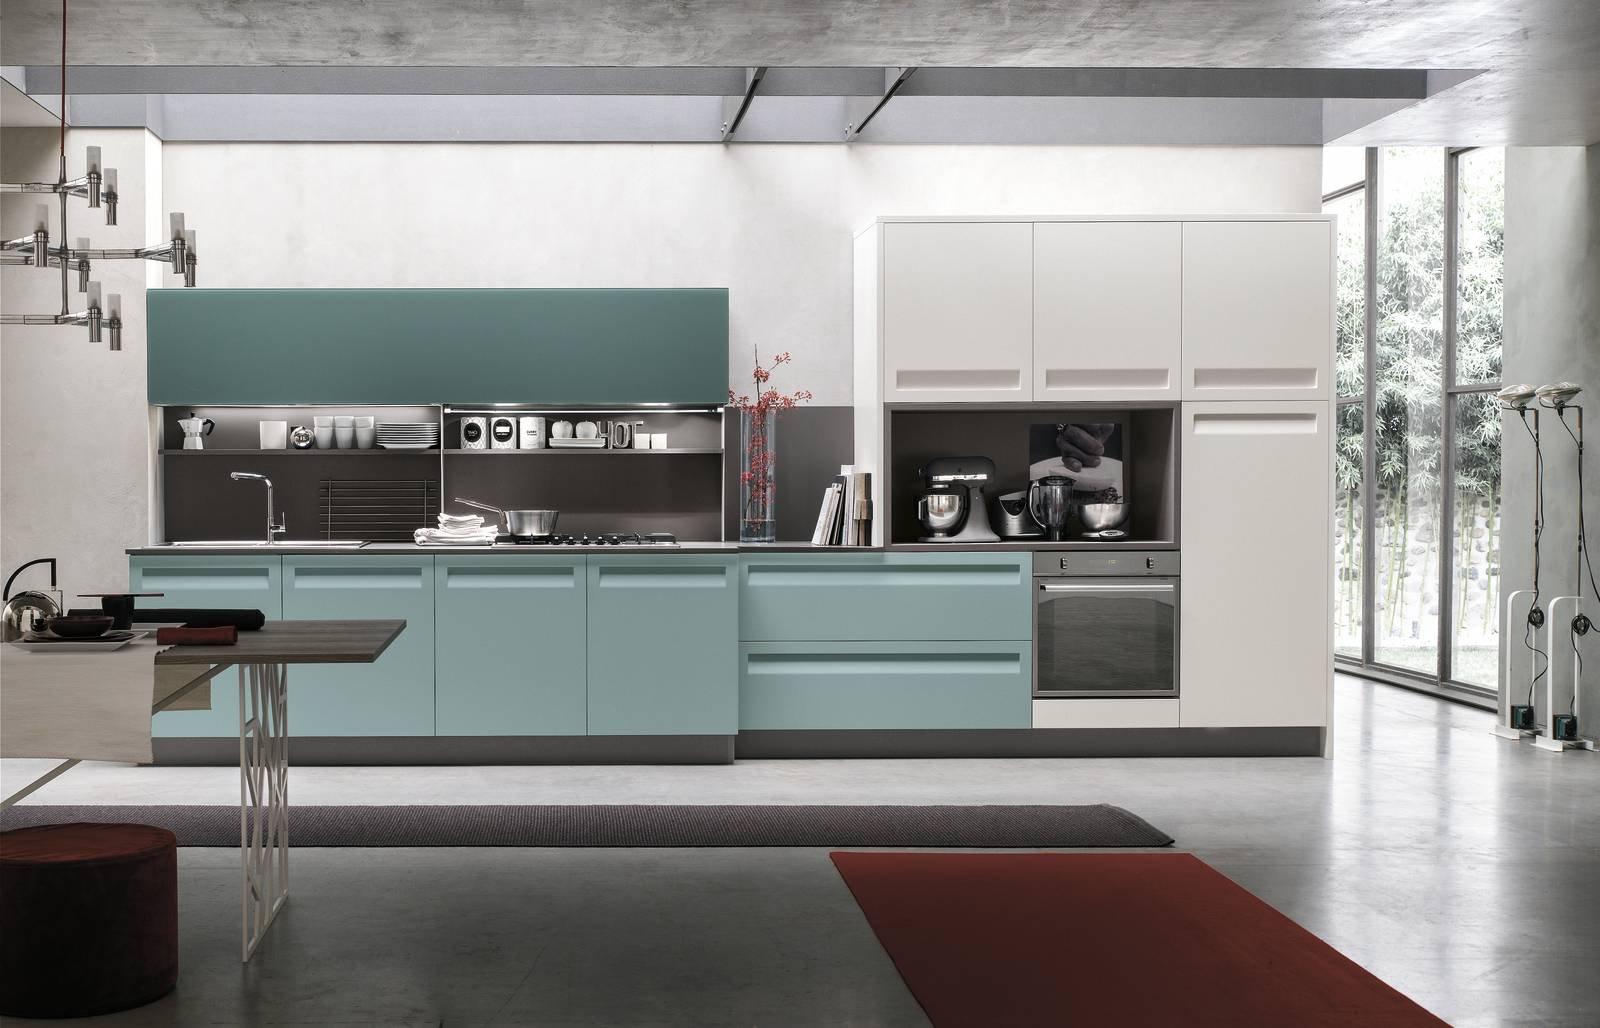 cucina colorata 10 modelli supervivaci e moderni o sobri